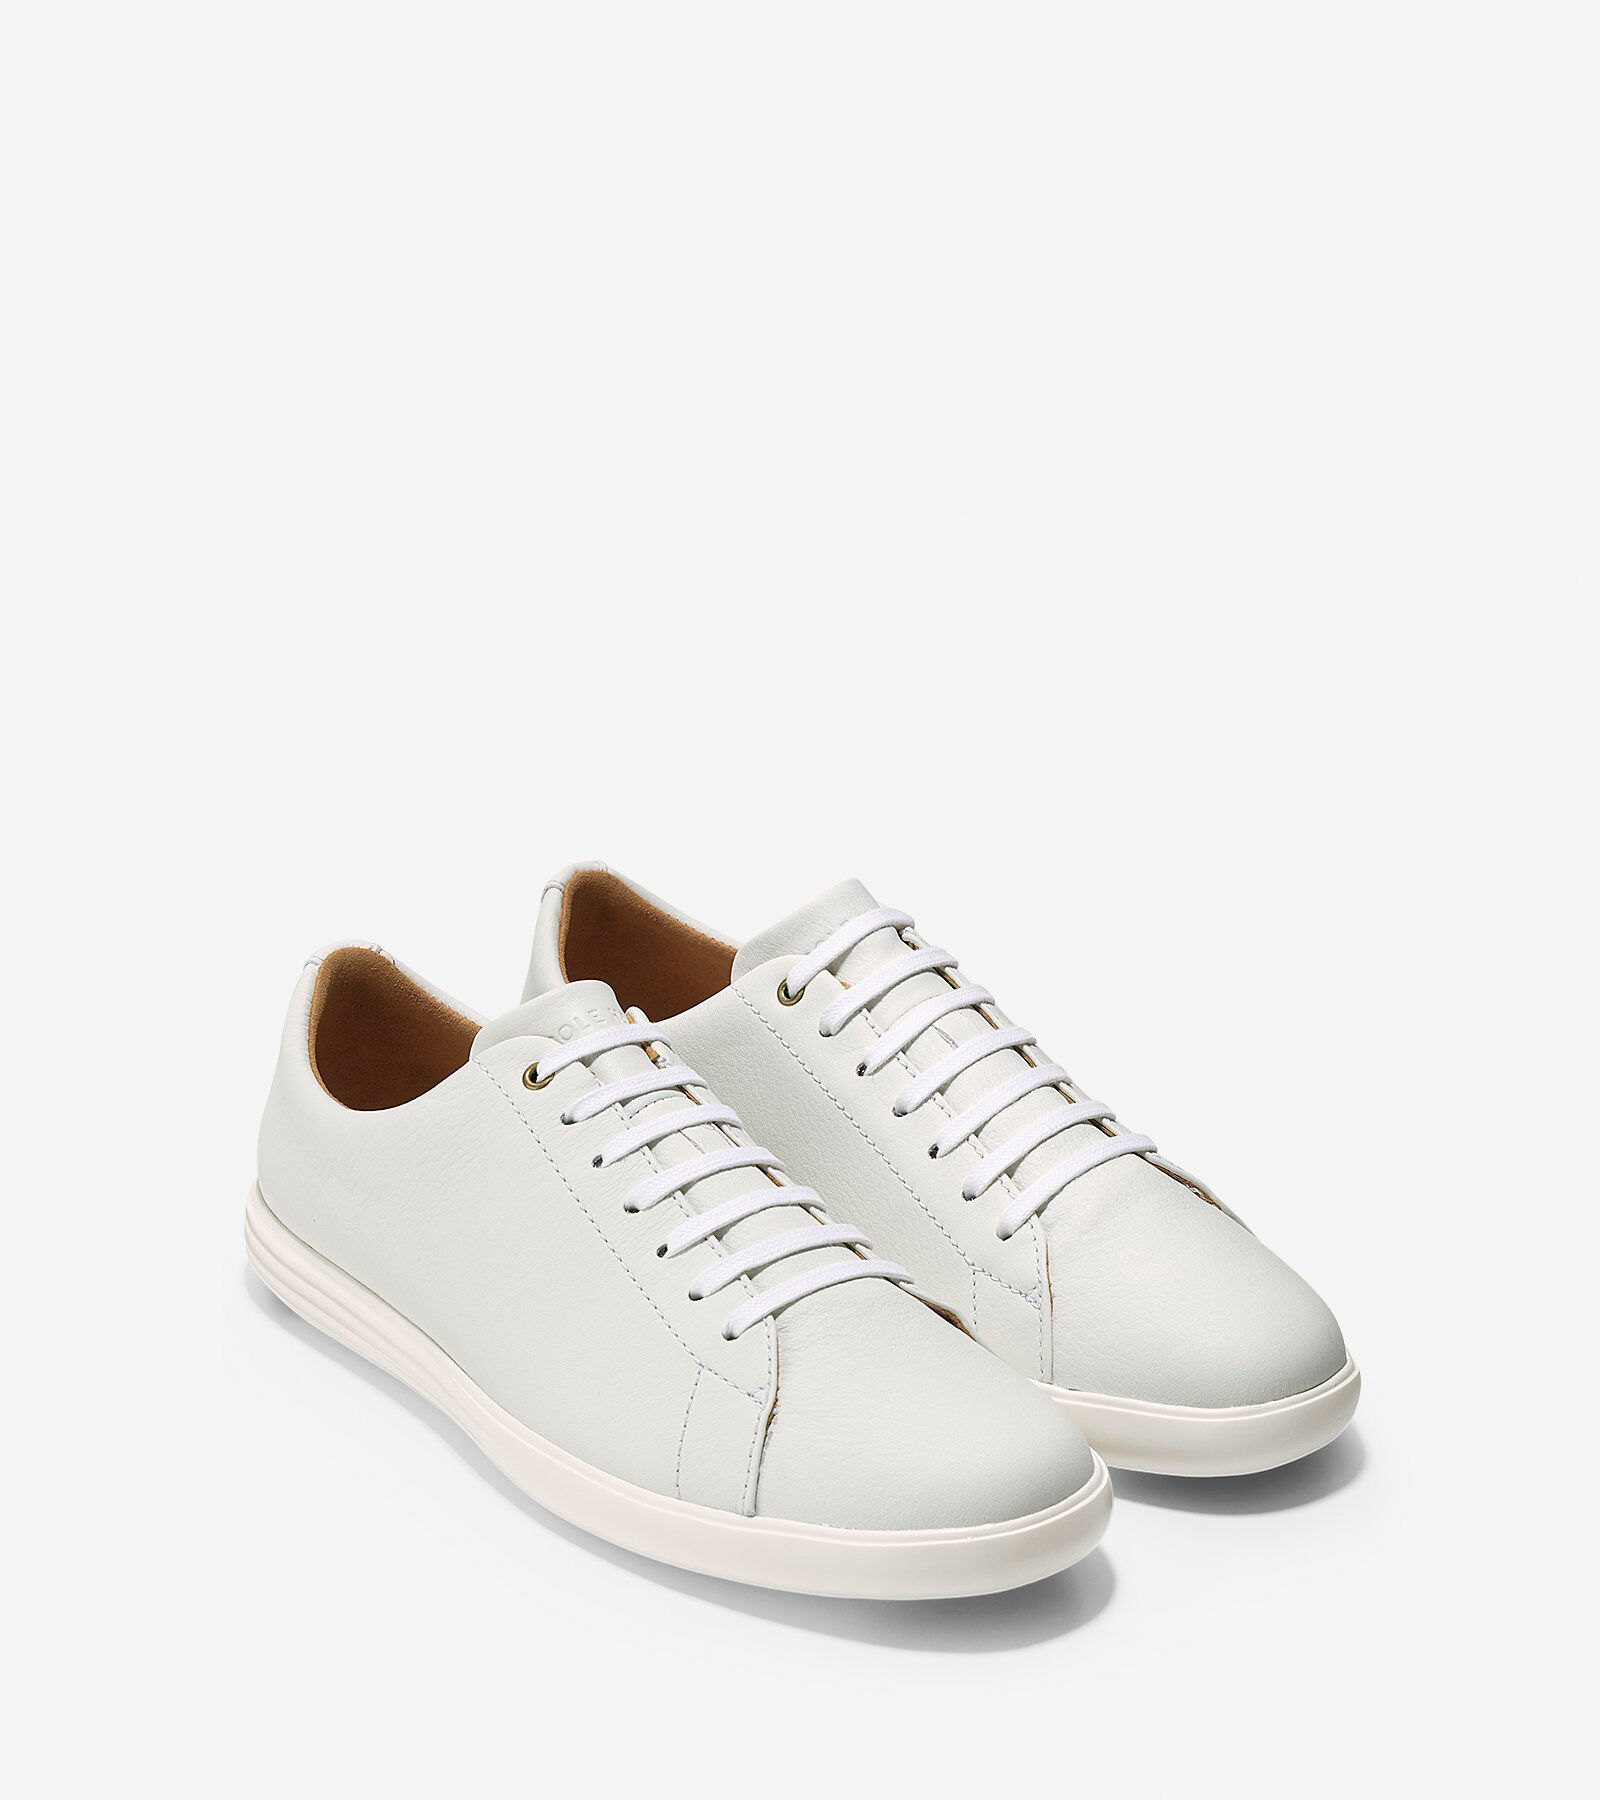 cole haan men's leather sneakers